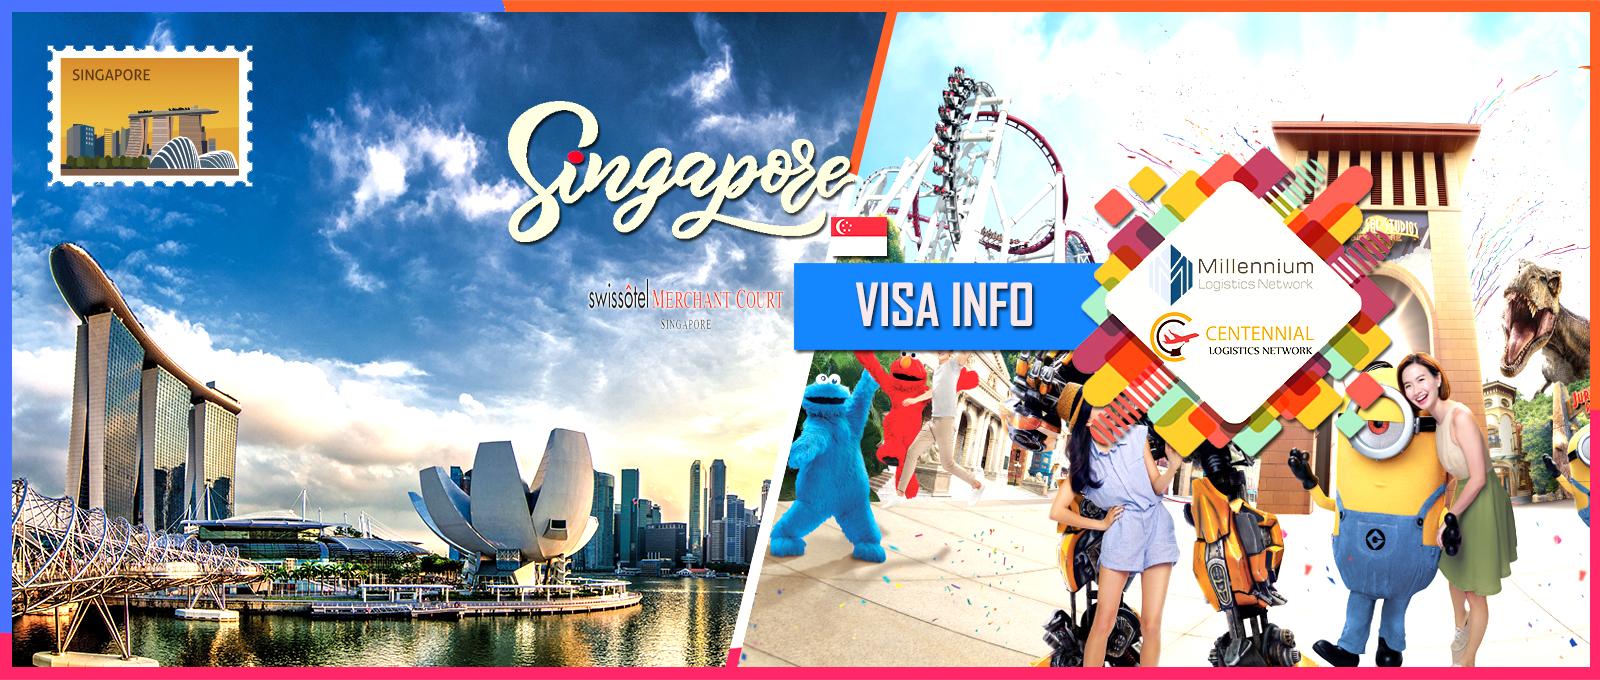 MLNCLN2020_Visa-info